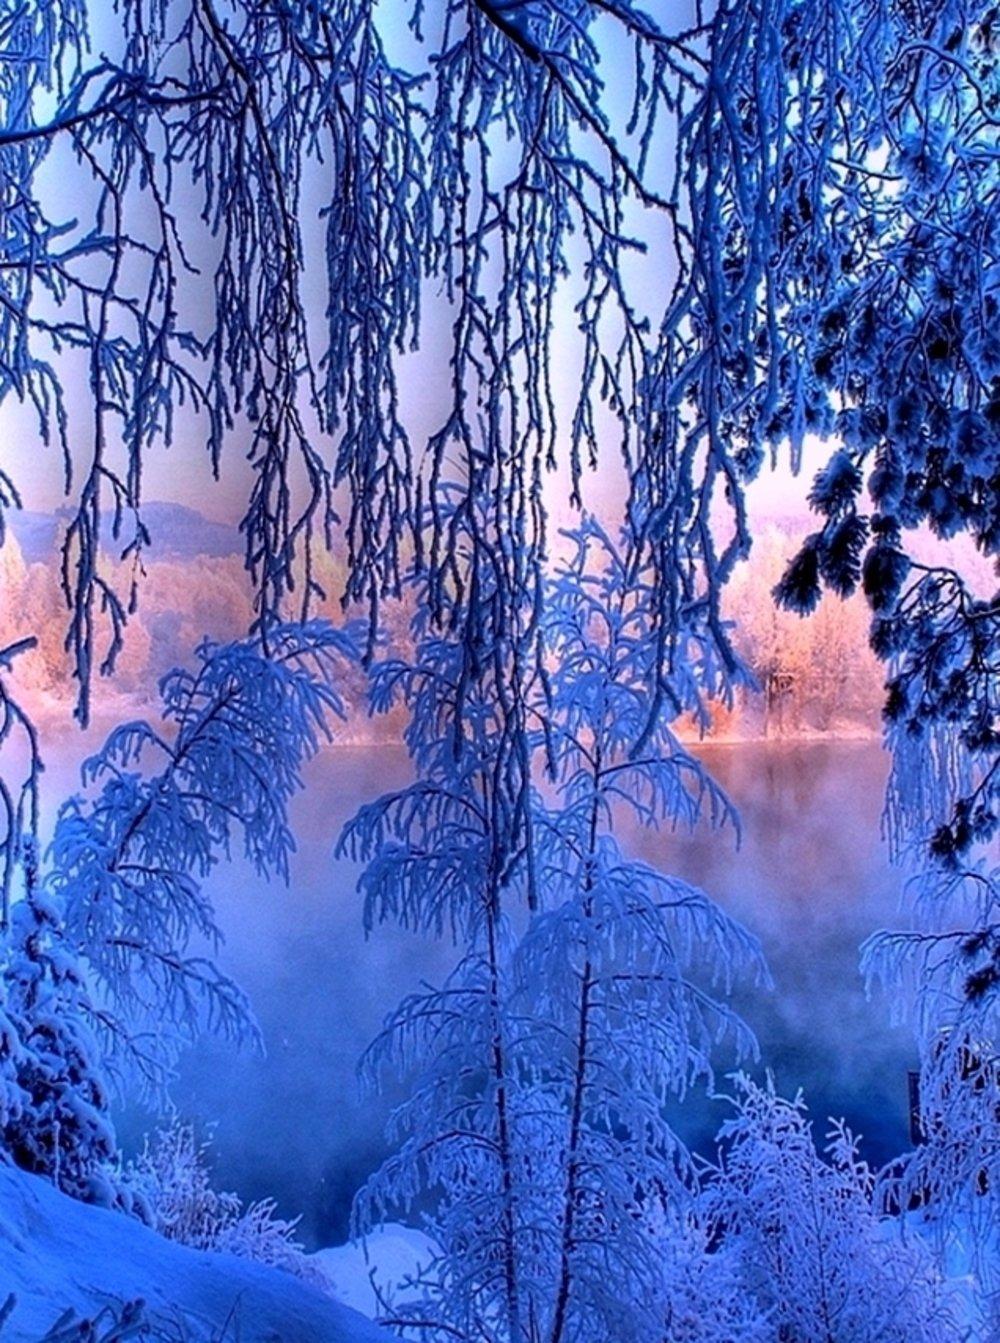 Качественные фото зимы когда аксессуаров